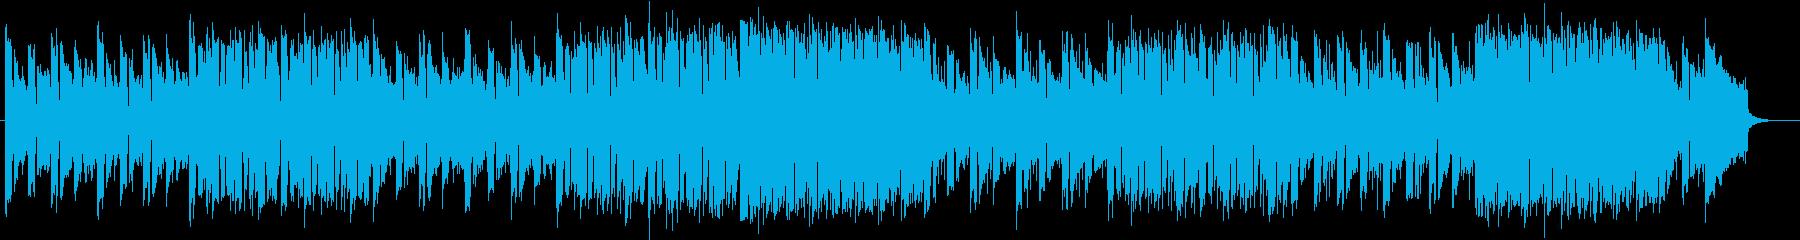 アップテンポなリズムが特徴のポップの再生済みの波形